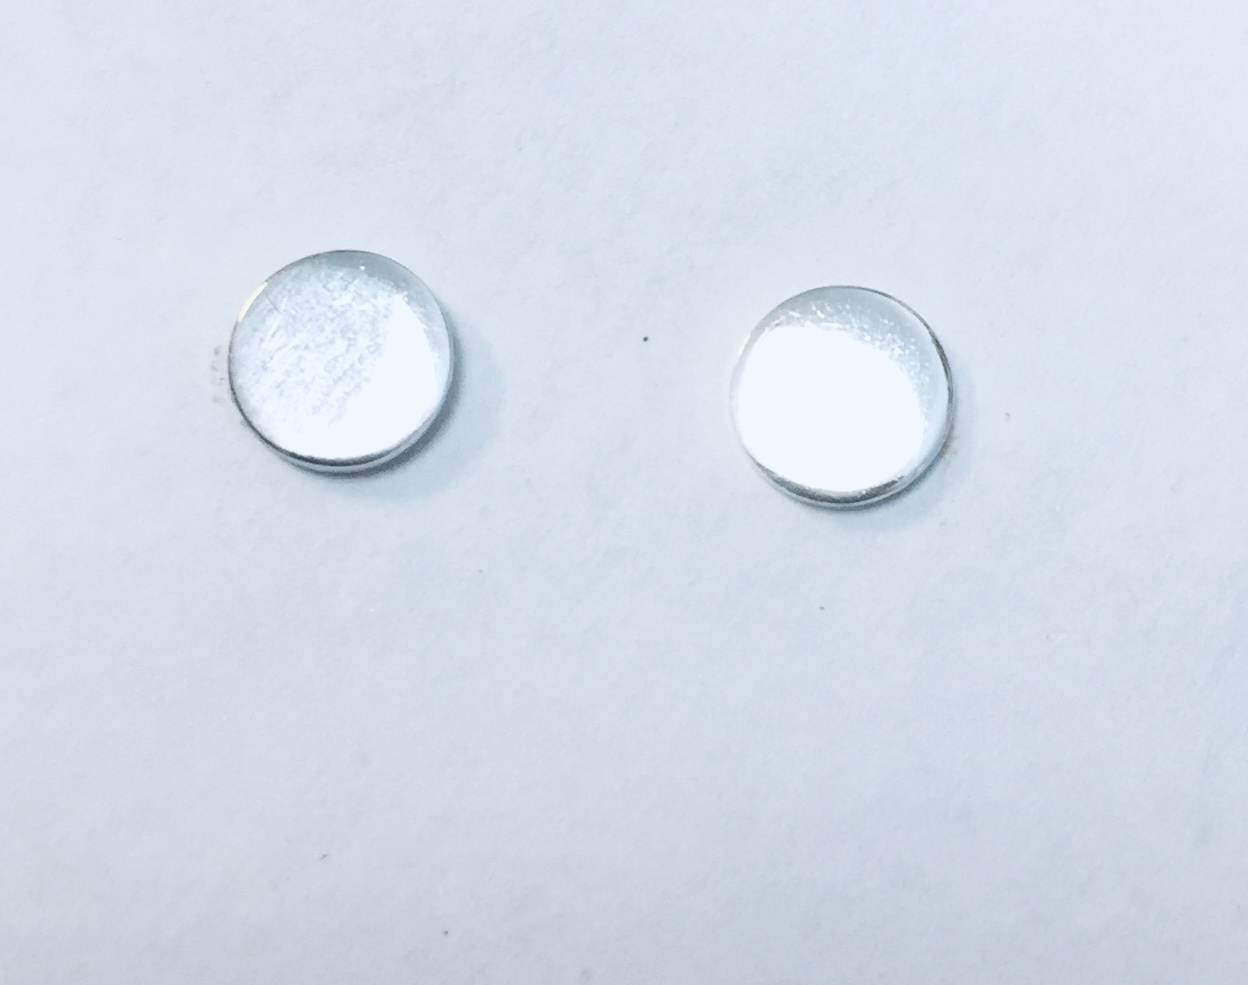 ØREPYNT RH.SØLV RUND GLATT PLATE 6mm